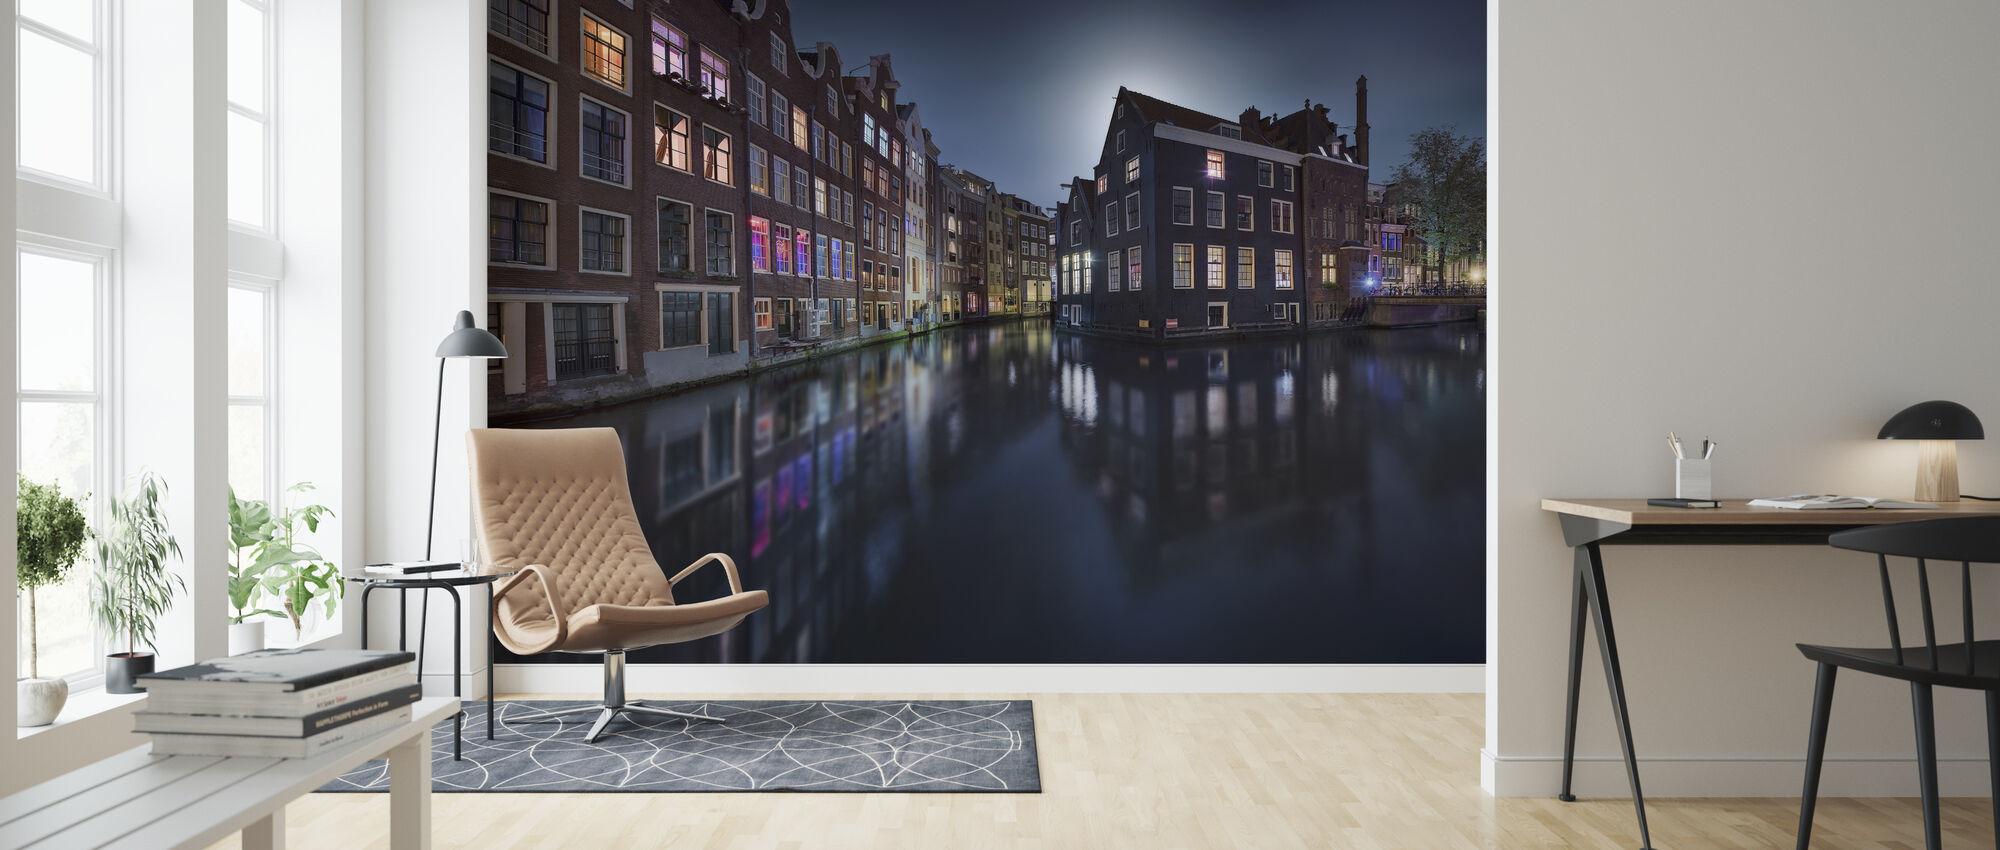 Moonlight Over Amsterdam - Wallpaper - Living Room